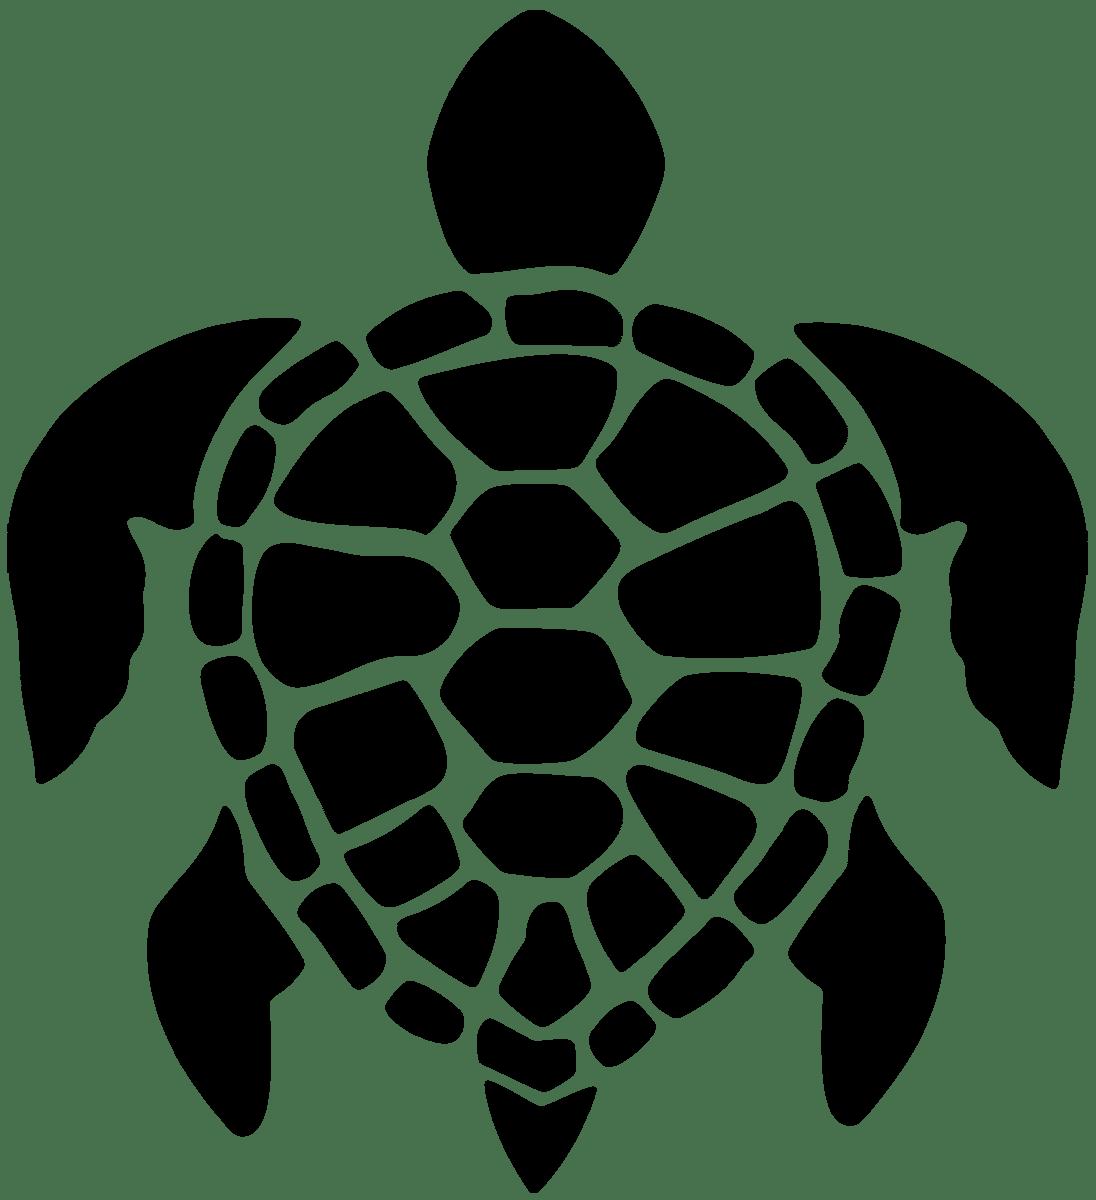 Wandtattoos: Turtle Surf